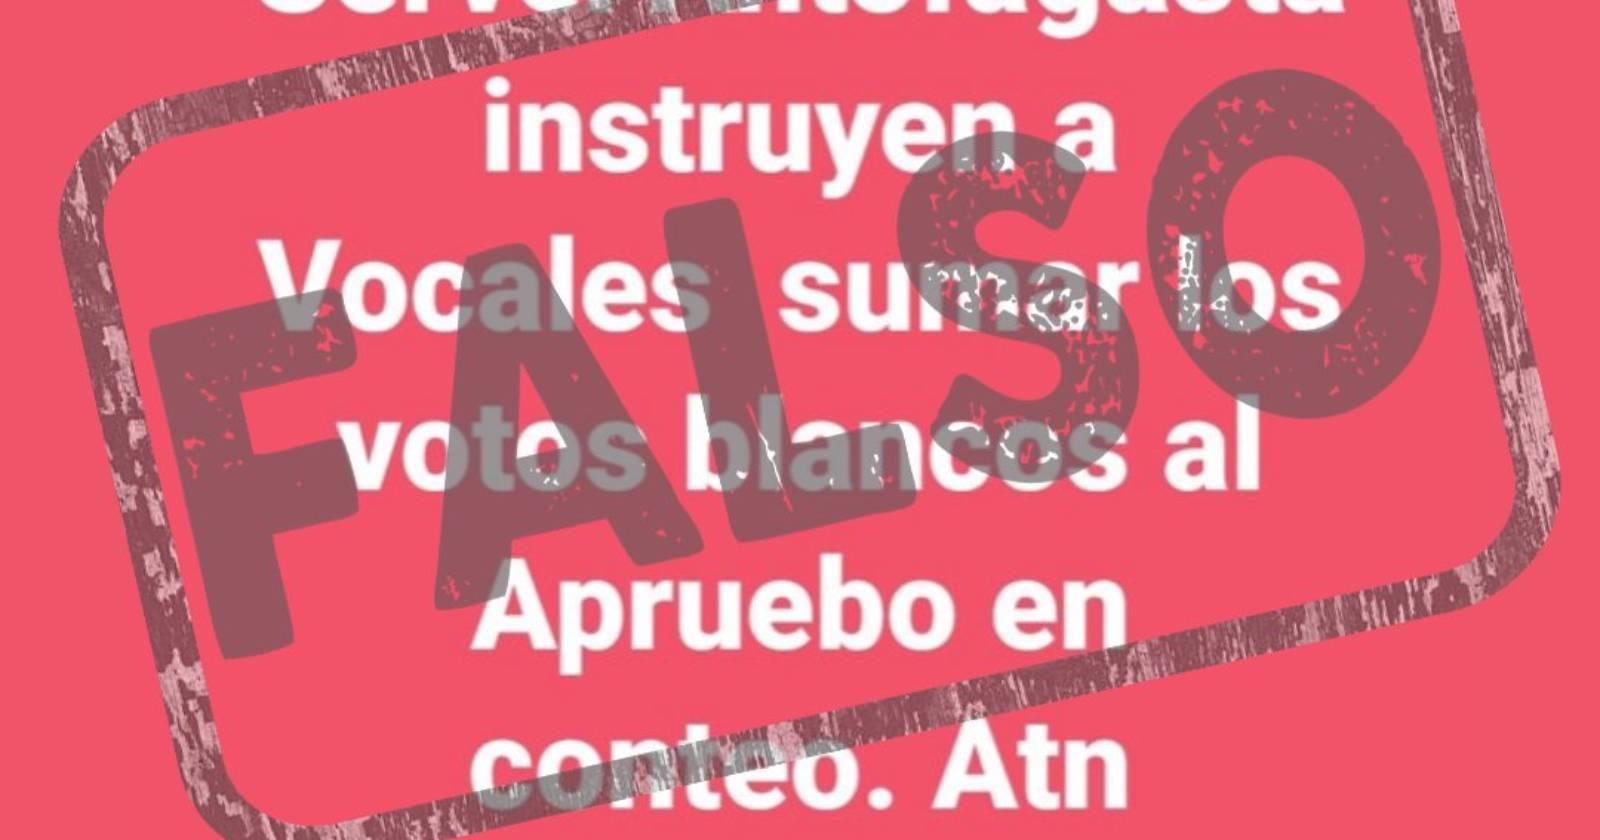 CHEQUEO: todas las noticias falsas sobre el plebiscito